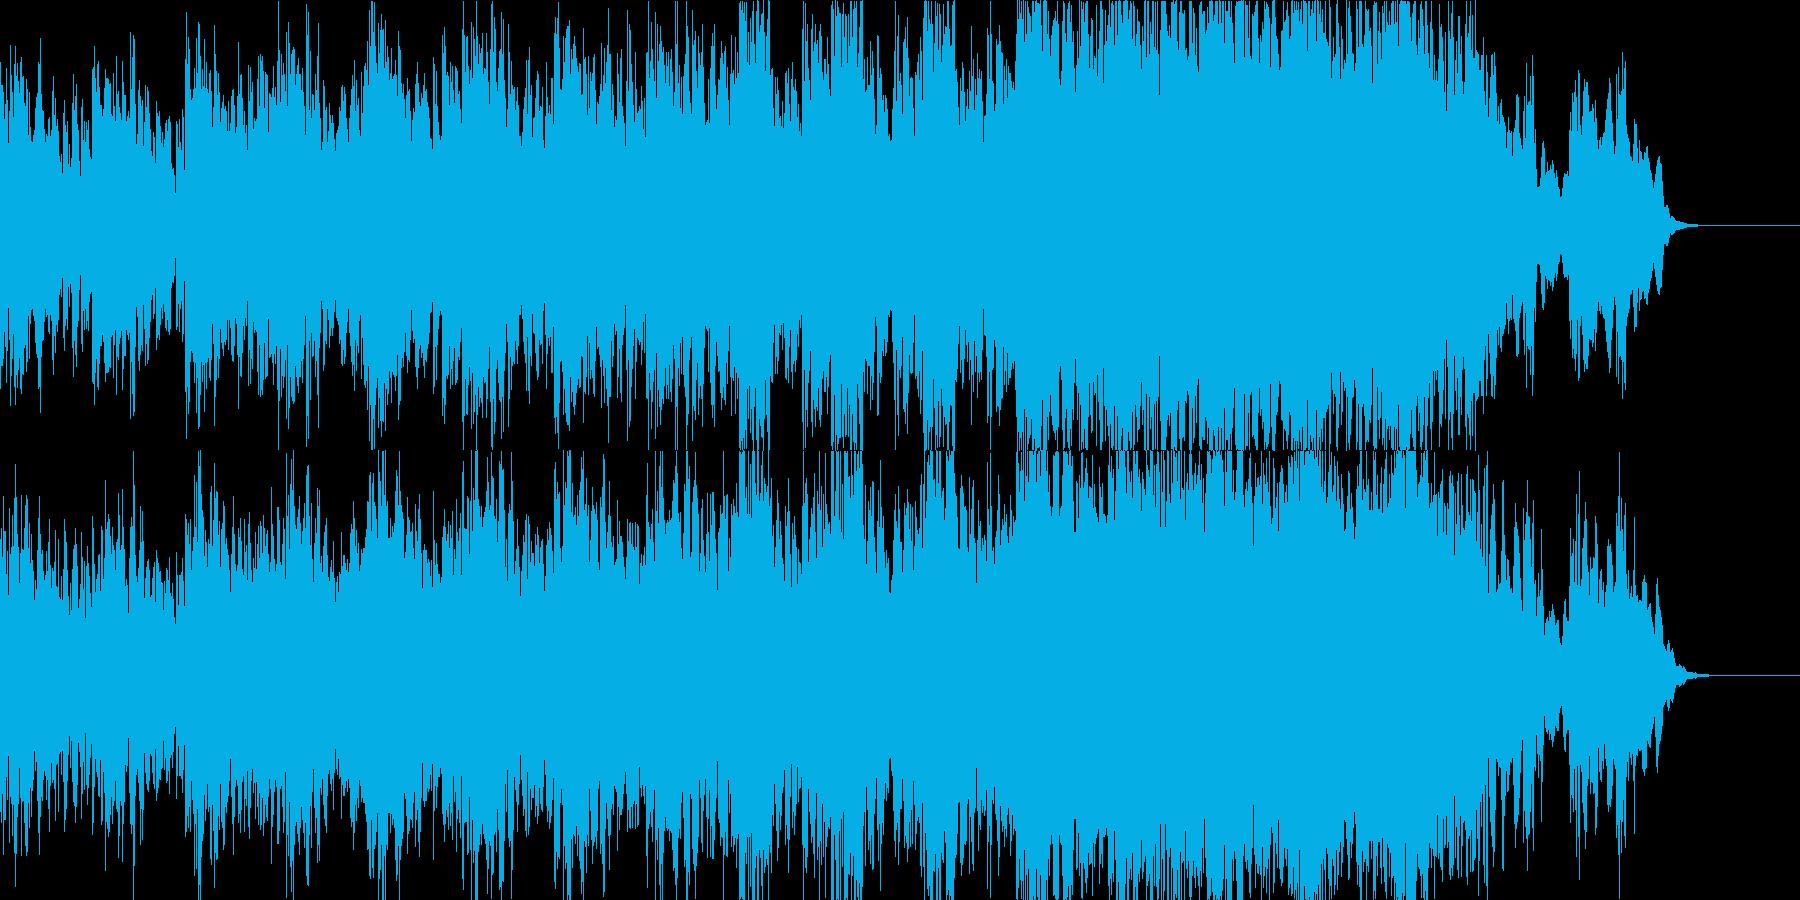 ハリウッドSF映画イメージのインストの再生済みの波形